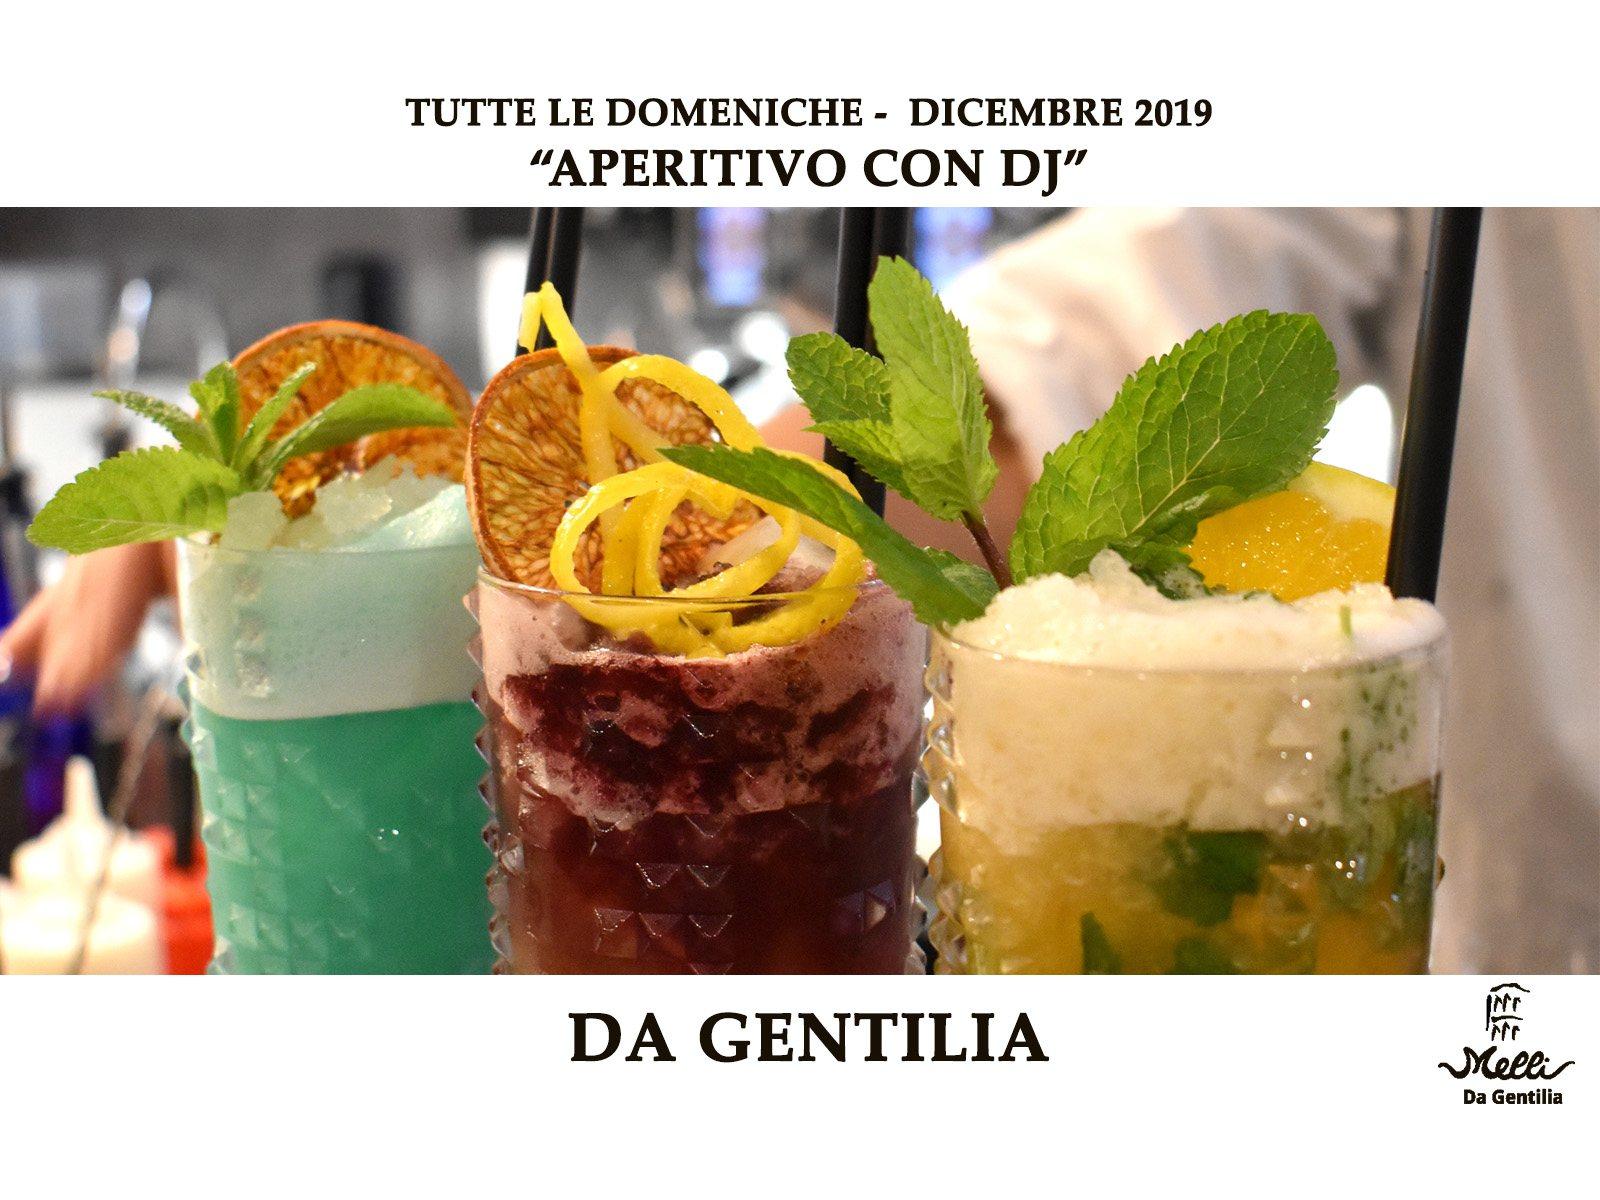 Aperitivo con dj – Da Gentilia